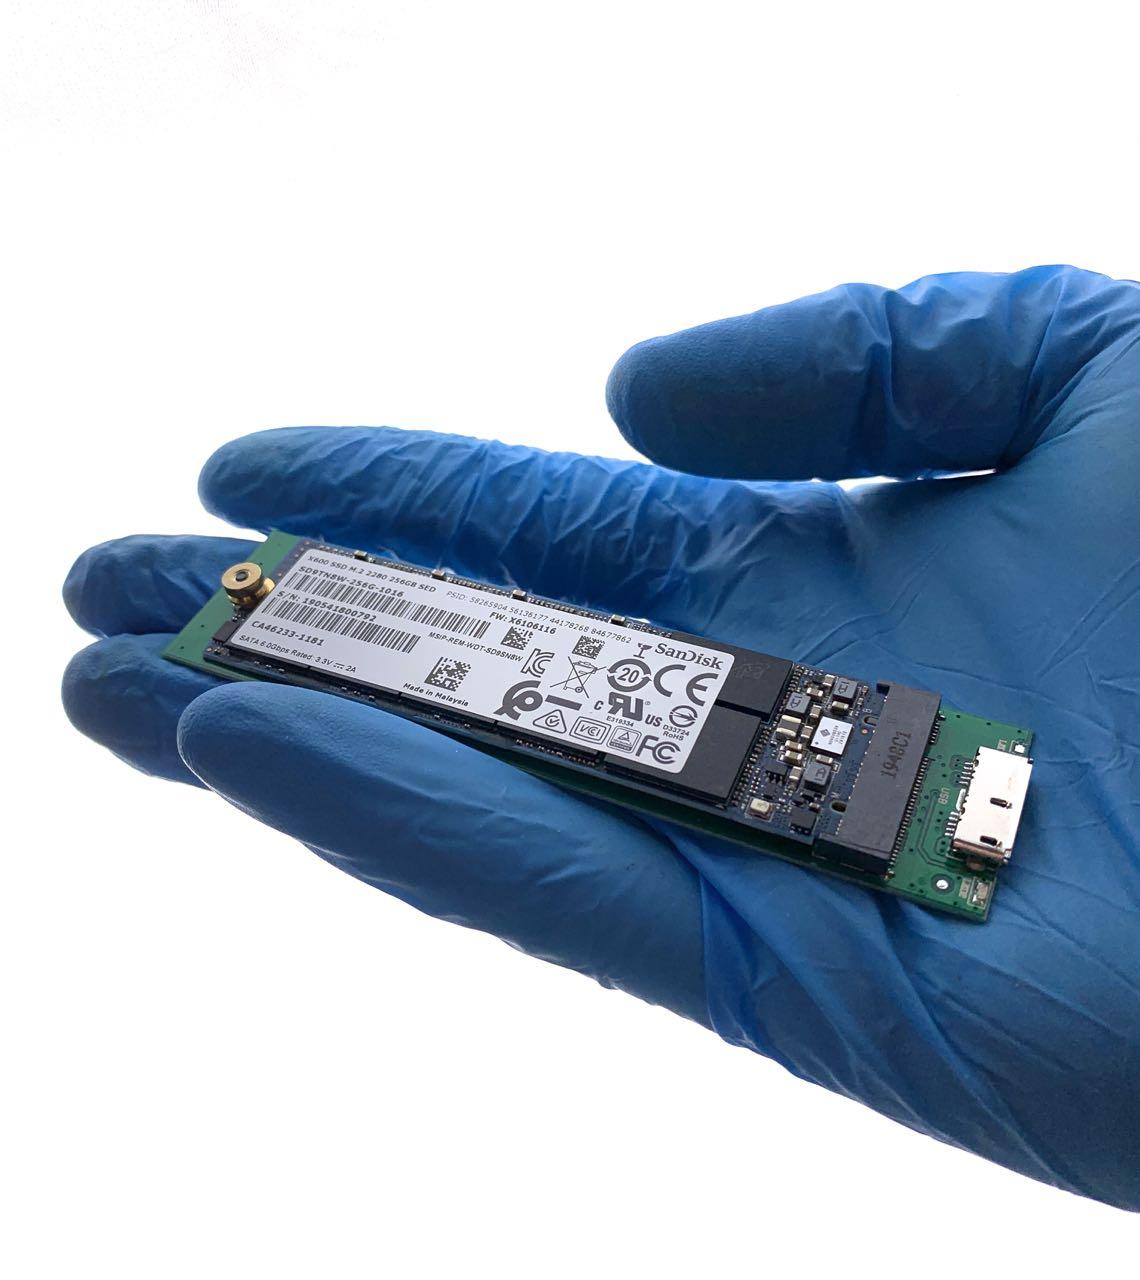 Datenrettung Sandisk X600 M.2 2280 mit BitLocker verschlüsselt